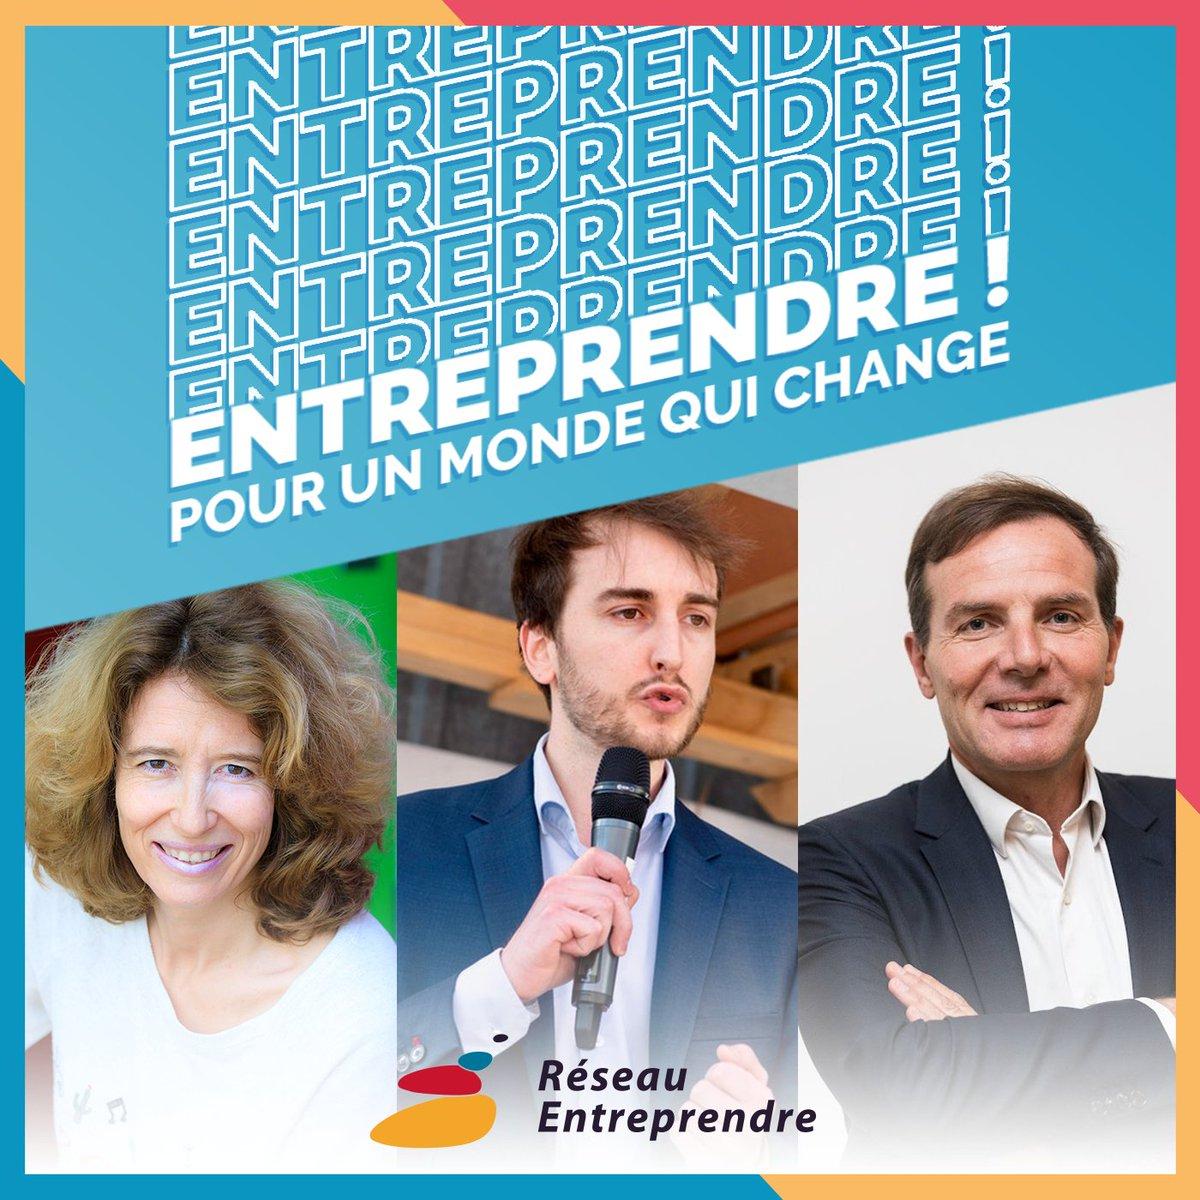 [#Podcast]  Episode 3 : Impact positif, un défi ? @ElisabethLavill (Utopies), Julien Le Guennec (@olenergies), Olivier de la Chevasnerie (@RsoEntreprendre) partagent leur vision. 👉 Ecouter sur @Deezer : https://t.co/7UA2CXGU1O 👉  Ecouter sur @Spotify : https://t.co/ExWmW7Zr6o https://t.co/hPE71OV7S4